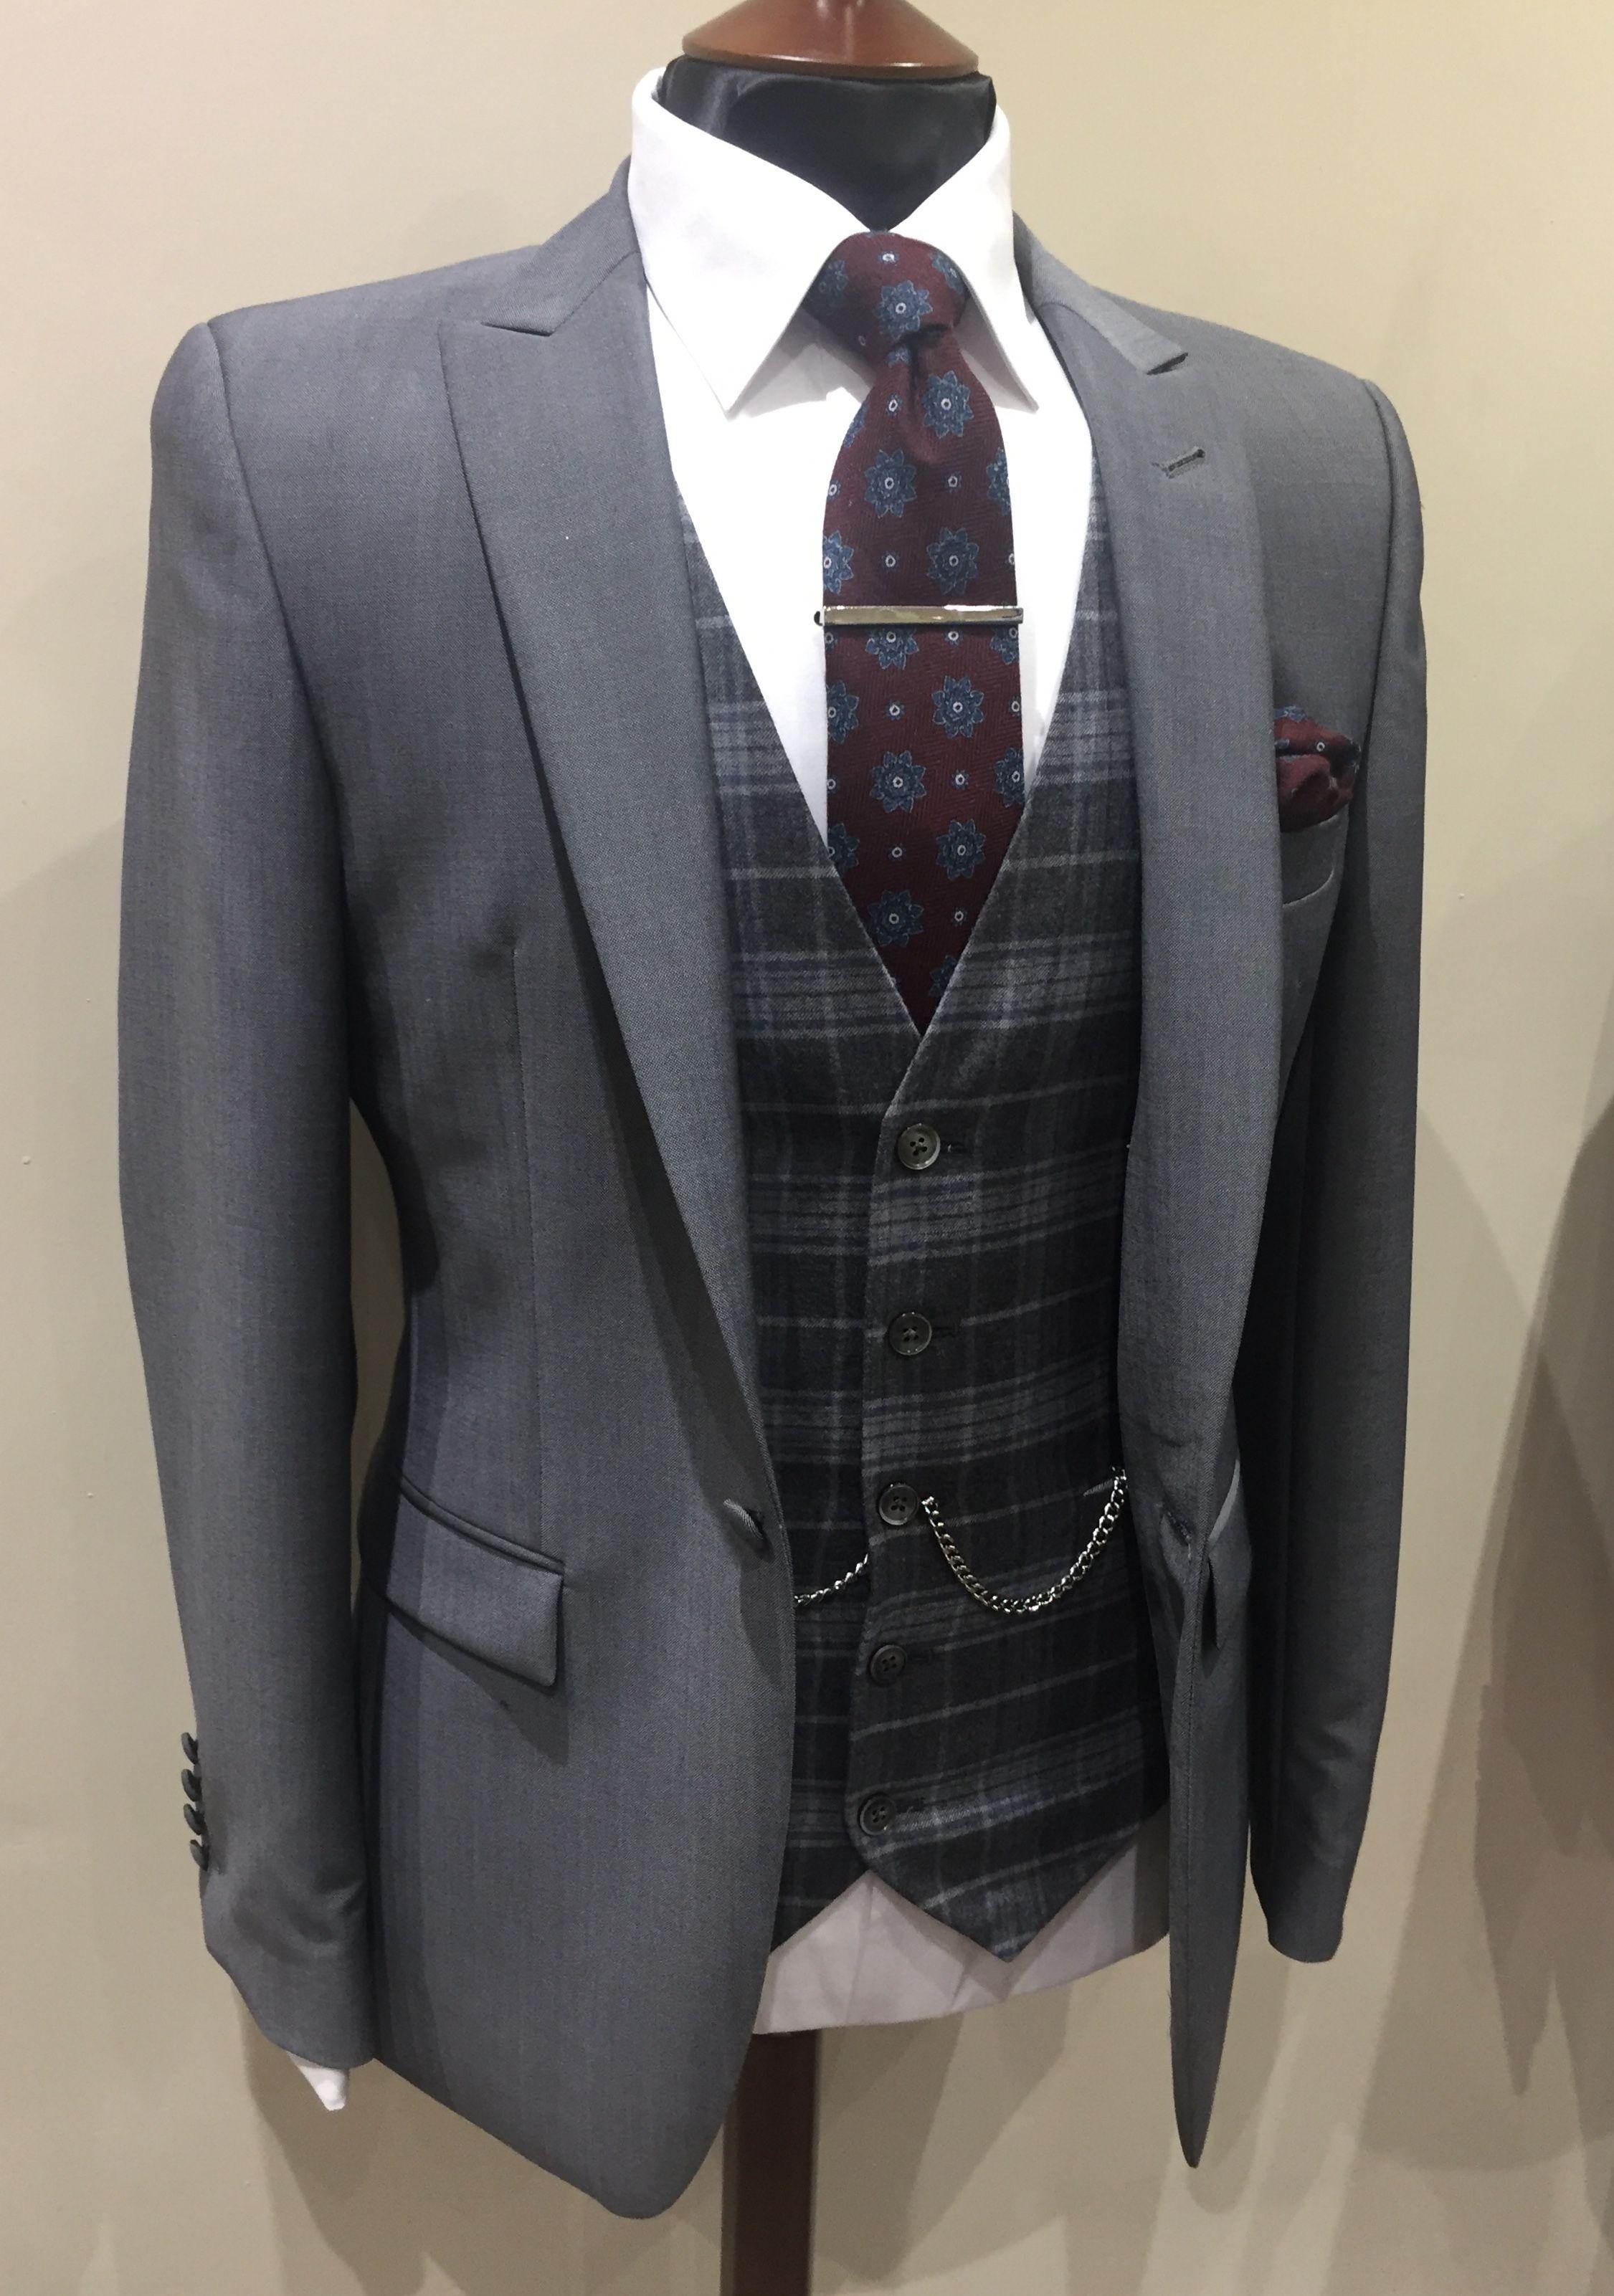 Slim fit grey suit grey check/twee waistcoat burgundy